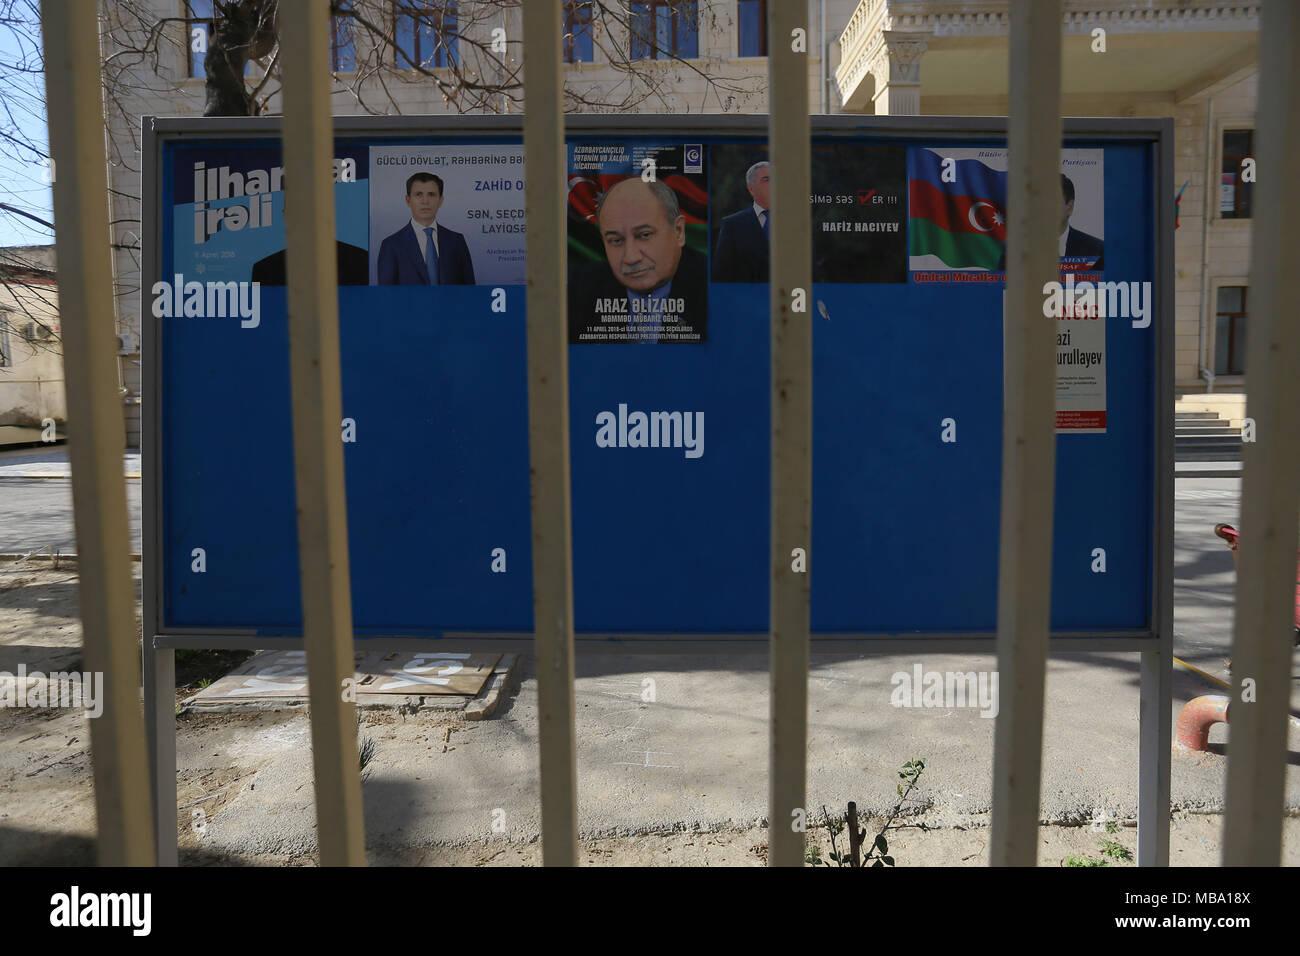 Wahlkampf Plakate Förderung der amtierende Präsident Ilham Alijew, Präsidenten und andere Präsidentschaftskandidaten; Aserbaidschan ist die Präsidentschaftswahlen vom 11. April 2018 zu halten. Credit: Aziz Karimov/Alamy leben Nachrichten Stockbild